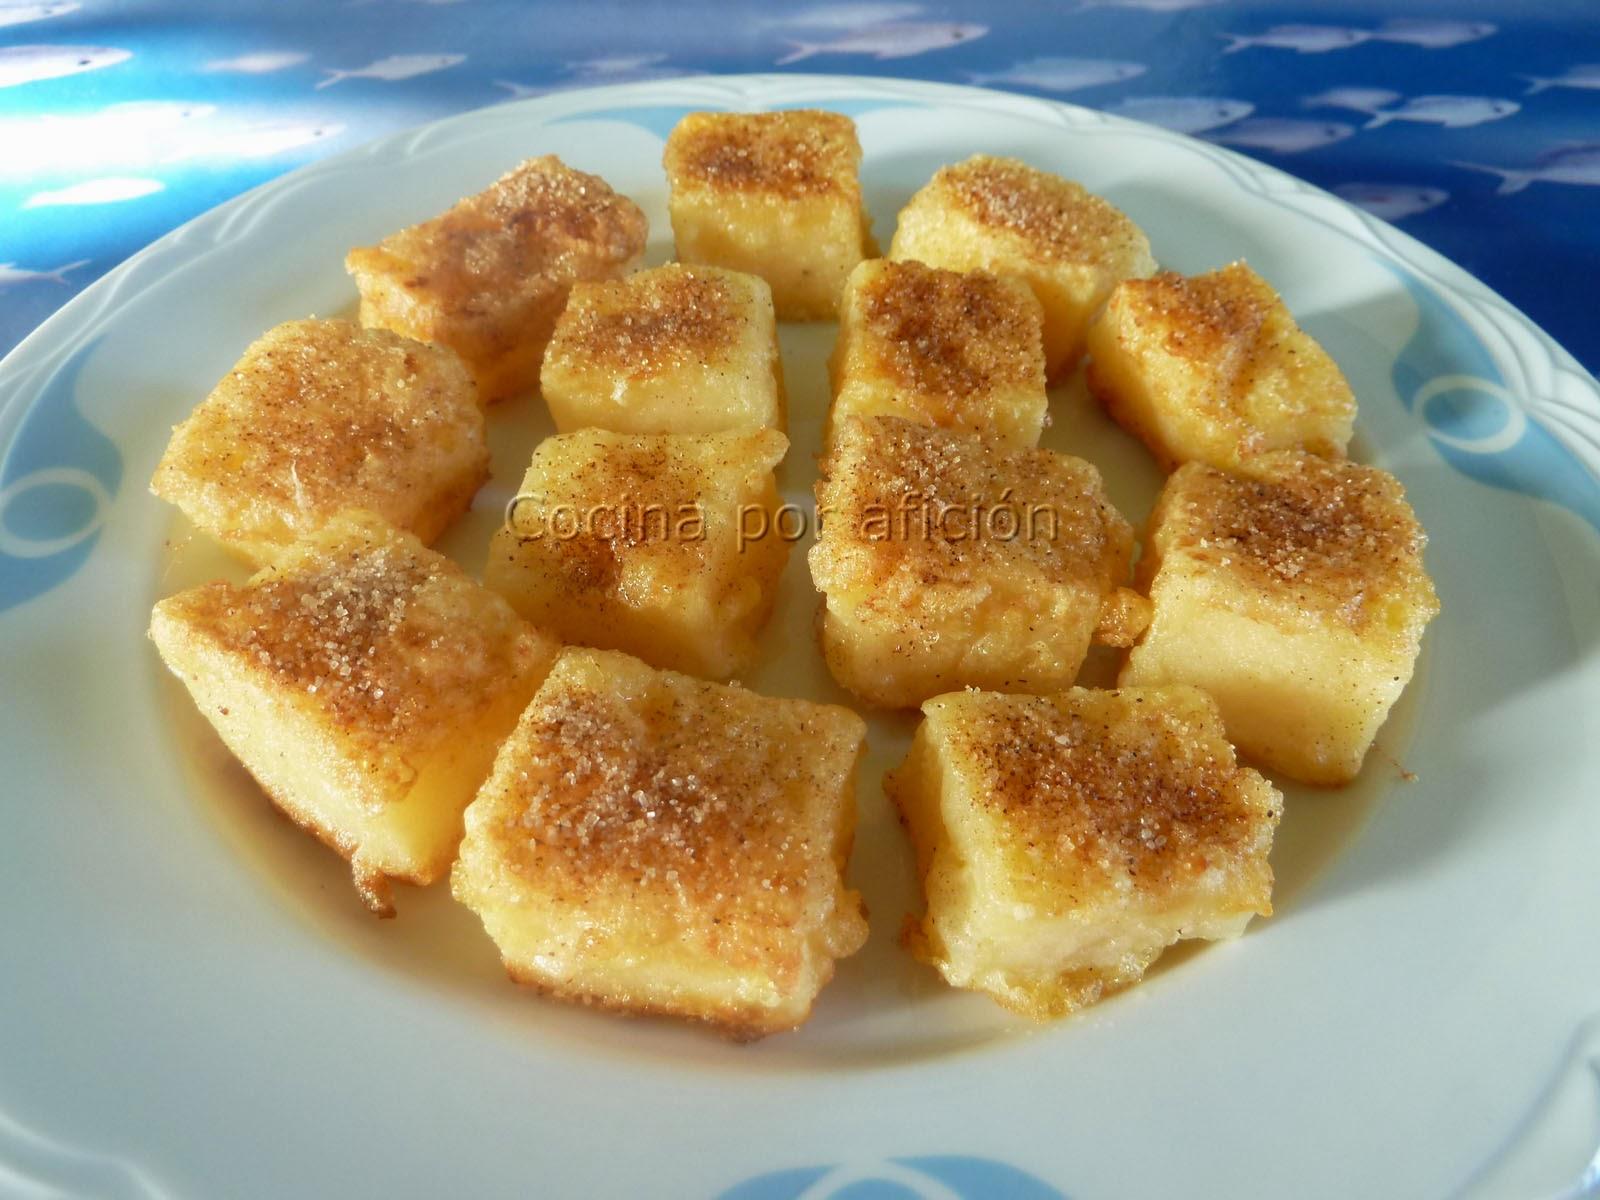 http://cocinaporaficion.blogspot.com/2011/11/leche-frita.html